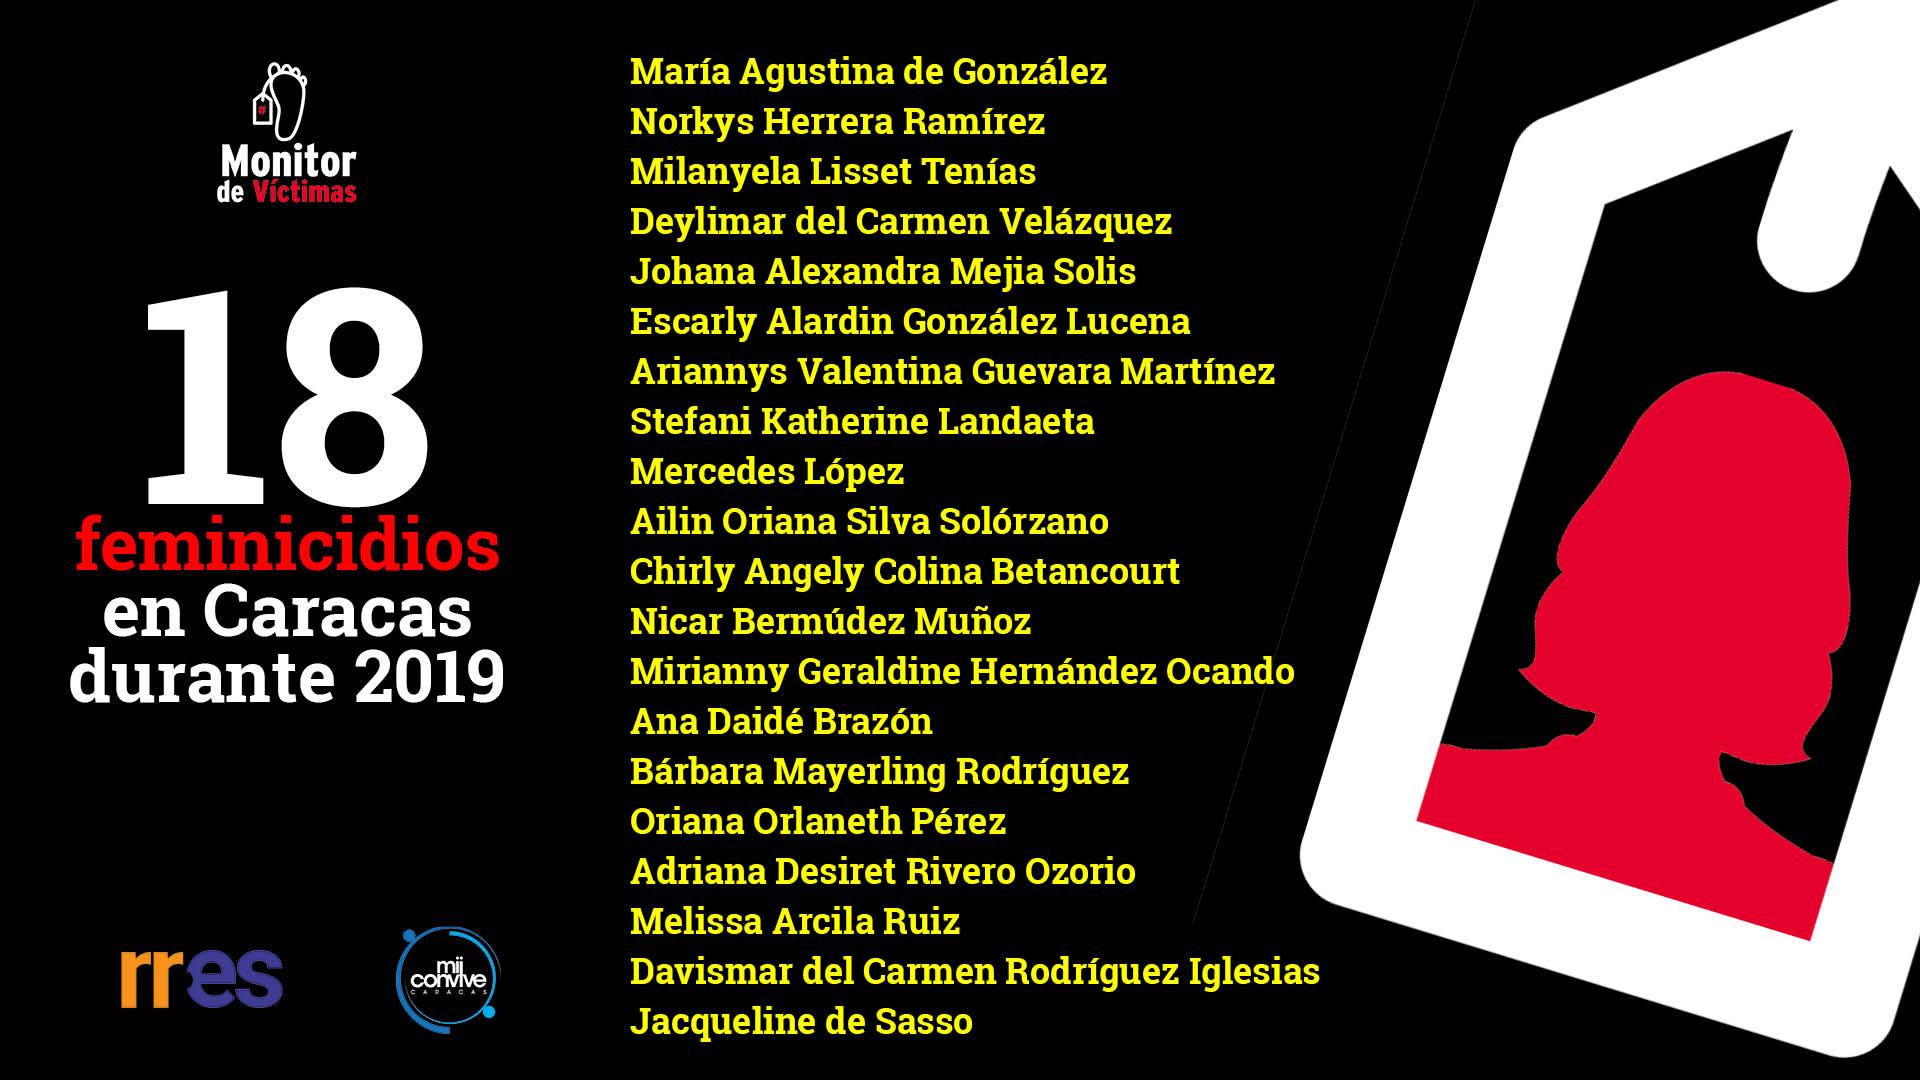 18 muertes de mujeres que el Estado ignoró